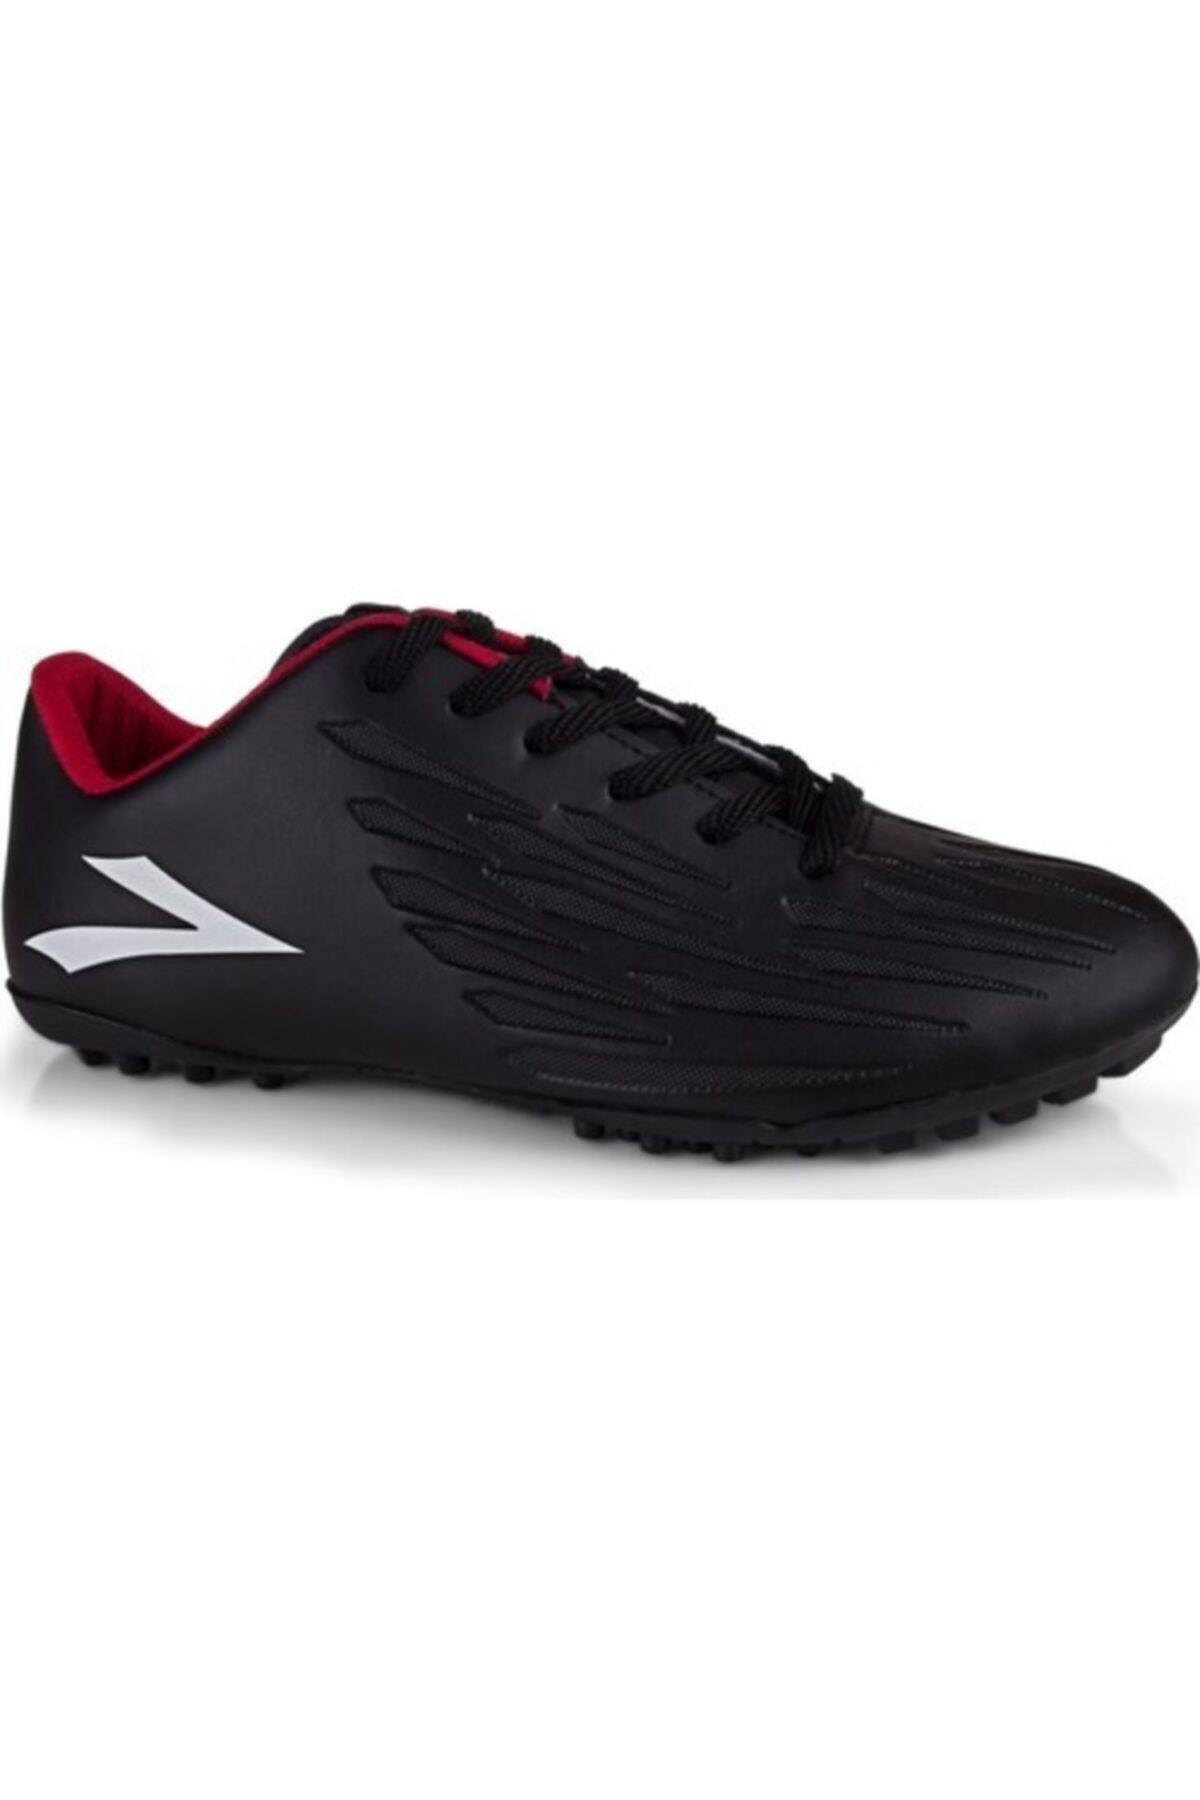 Falcon Trx Halısaha Ayakkabısı Siyah Kırmızı